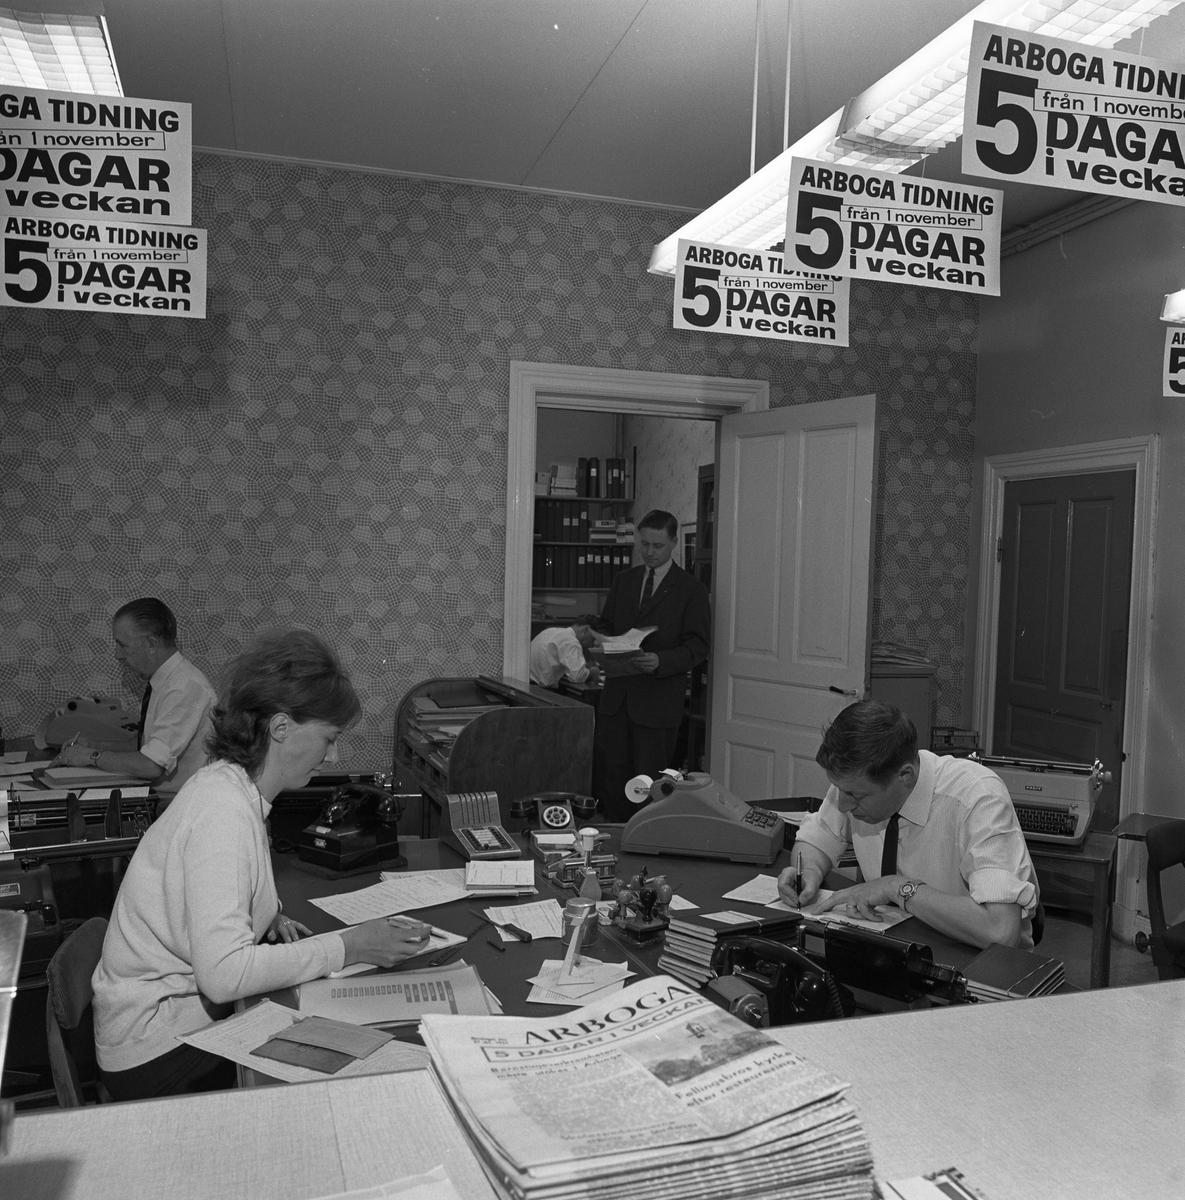 Arboga Tidning, personal och interiör. Tre personer, två män och en kvinna, arbetar i samma kontor. De har var sitt skrivbord. I miljön ses flera telefonapparater, en räknemaskin och en skrivmaskin. I förgrunden ligger en bunt tidningar. I taket hänger skyltar som upplyser om att Arboga Tidning ges ut fem dagar i veckan från och med första november. Mannen längst till höger är Ingemar Eriksson (han är gift med kvinnan på bild 00927). I dörröppningen står tidningens verkställande direktör, Olle Wallström.